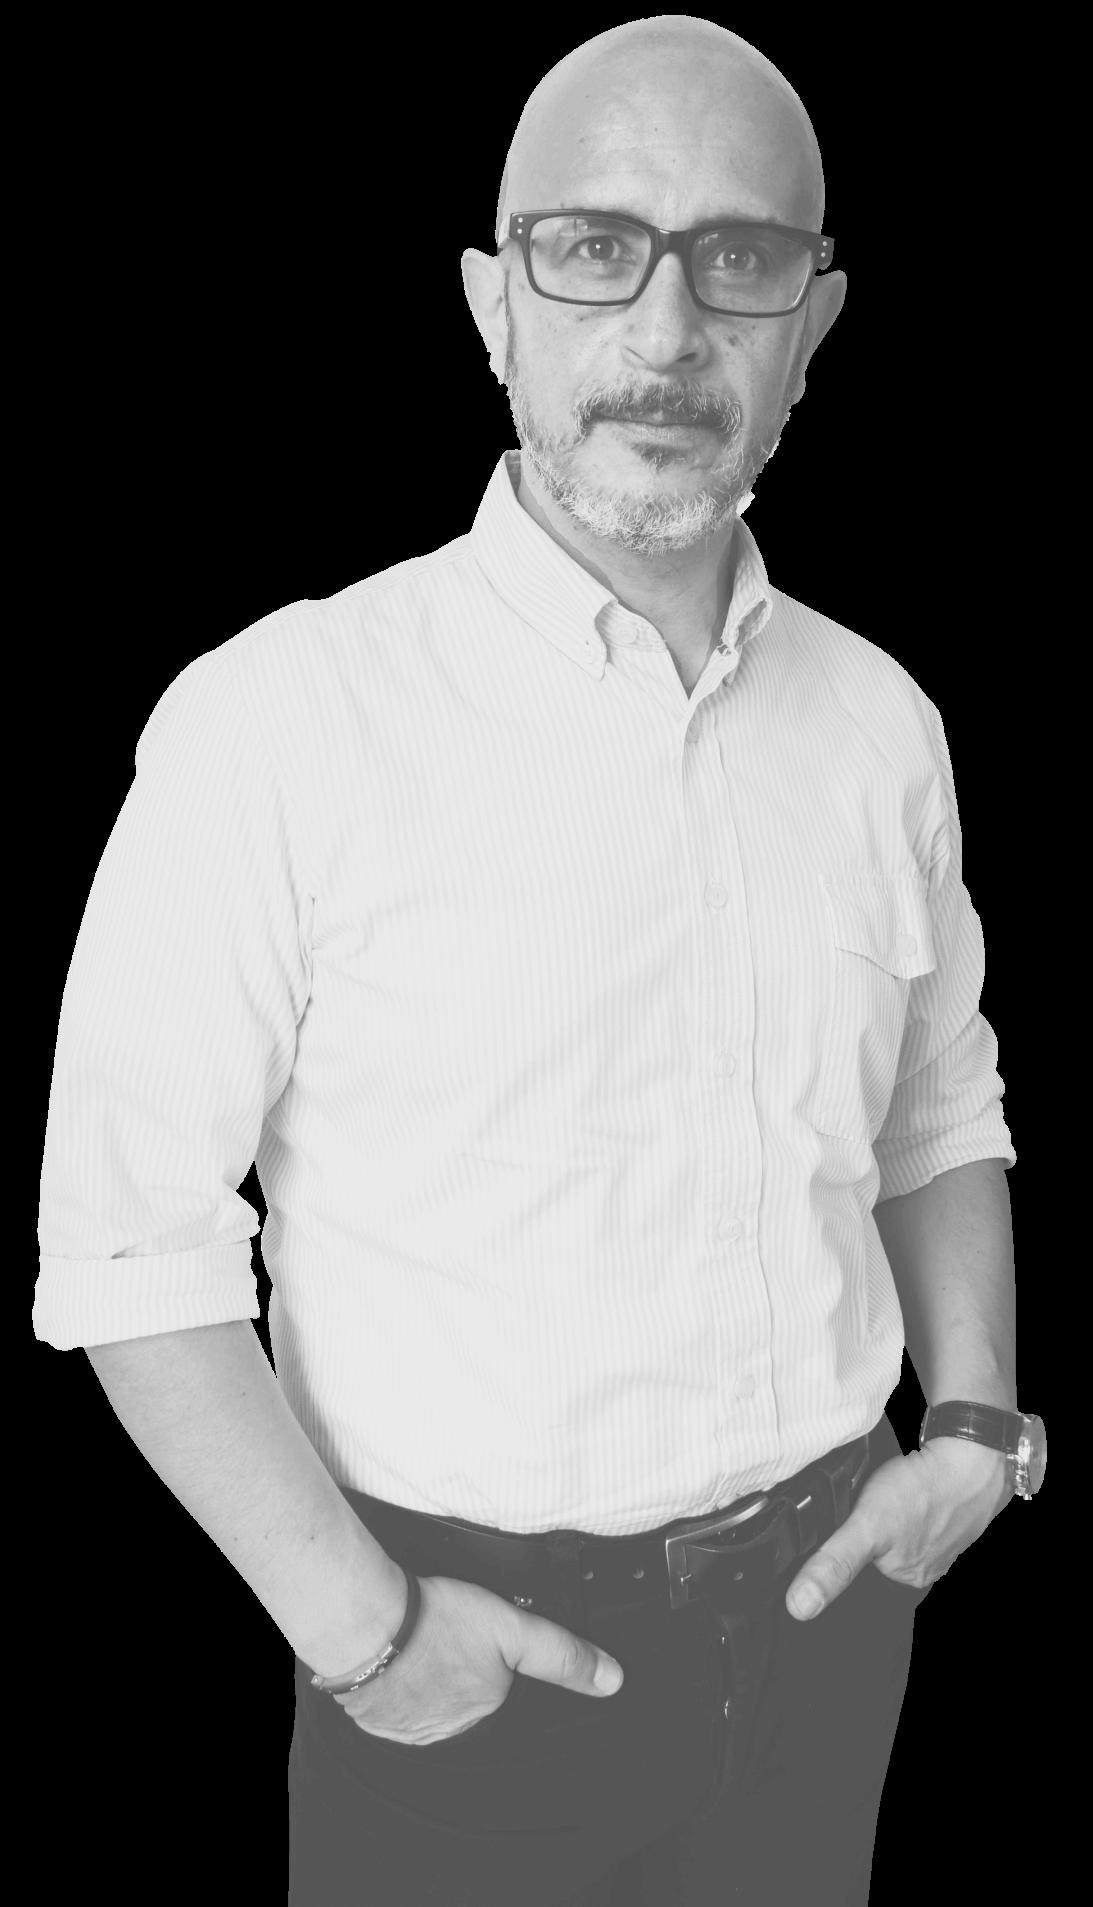 Mauricio Marroquin - Centro de Innovacion